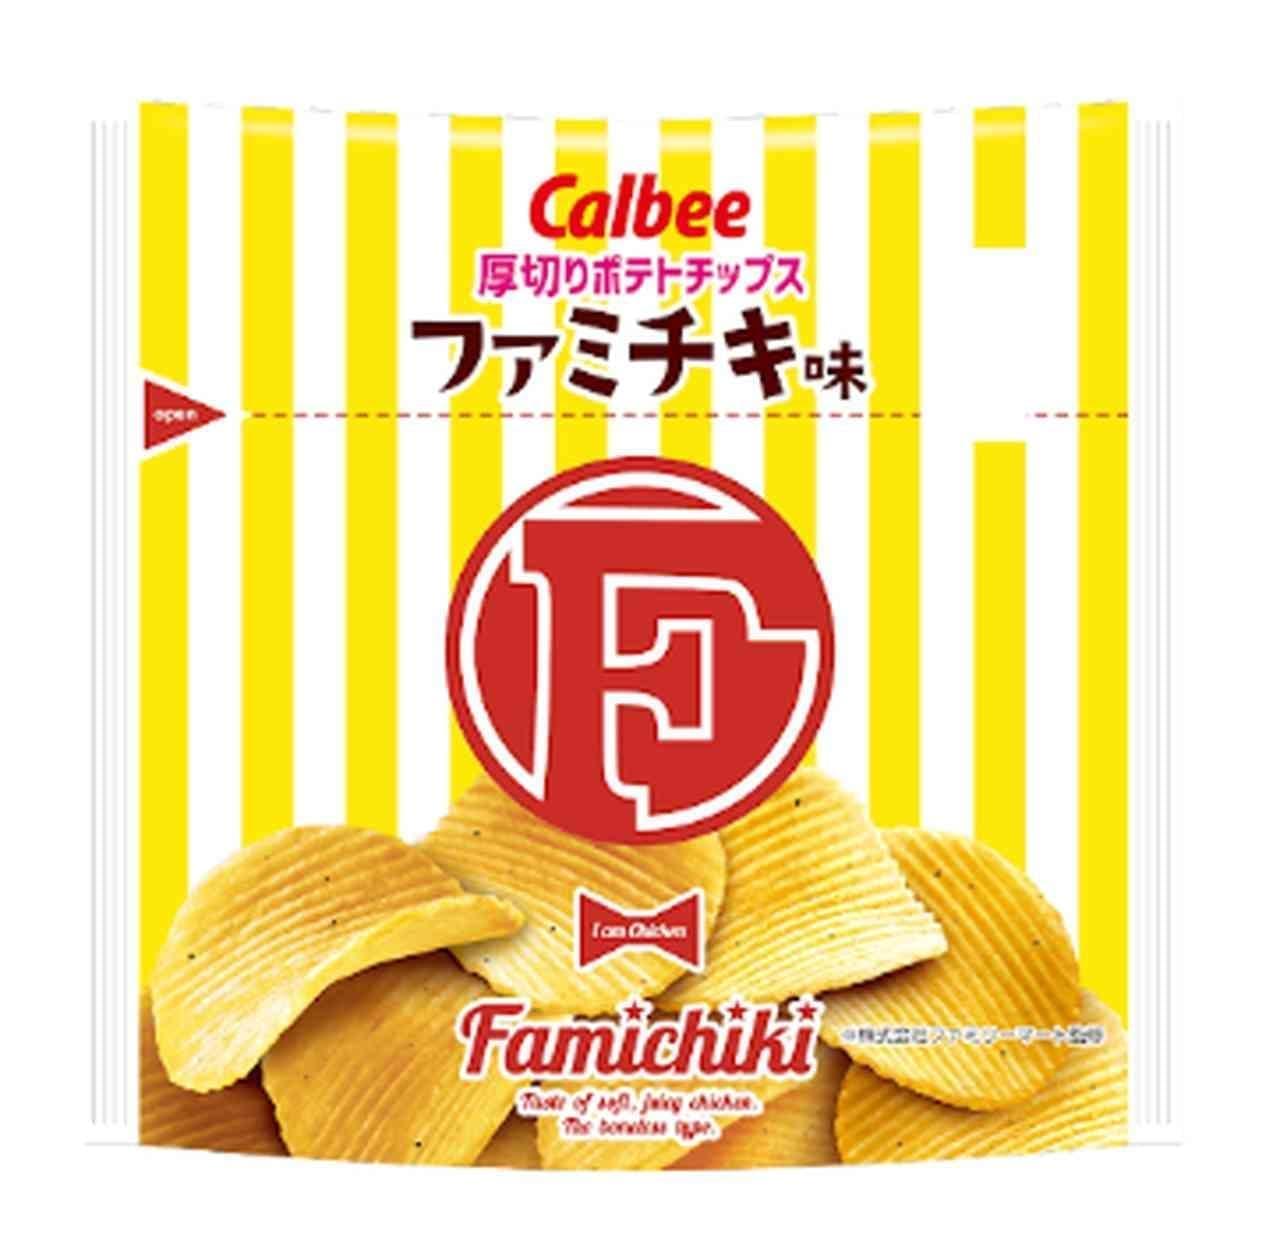 ファミマ「ファミチキ(コンソメWパンチ味)」「厚切りポテトチップス ファミチキ味」